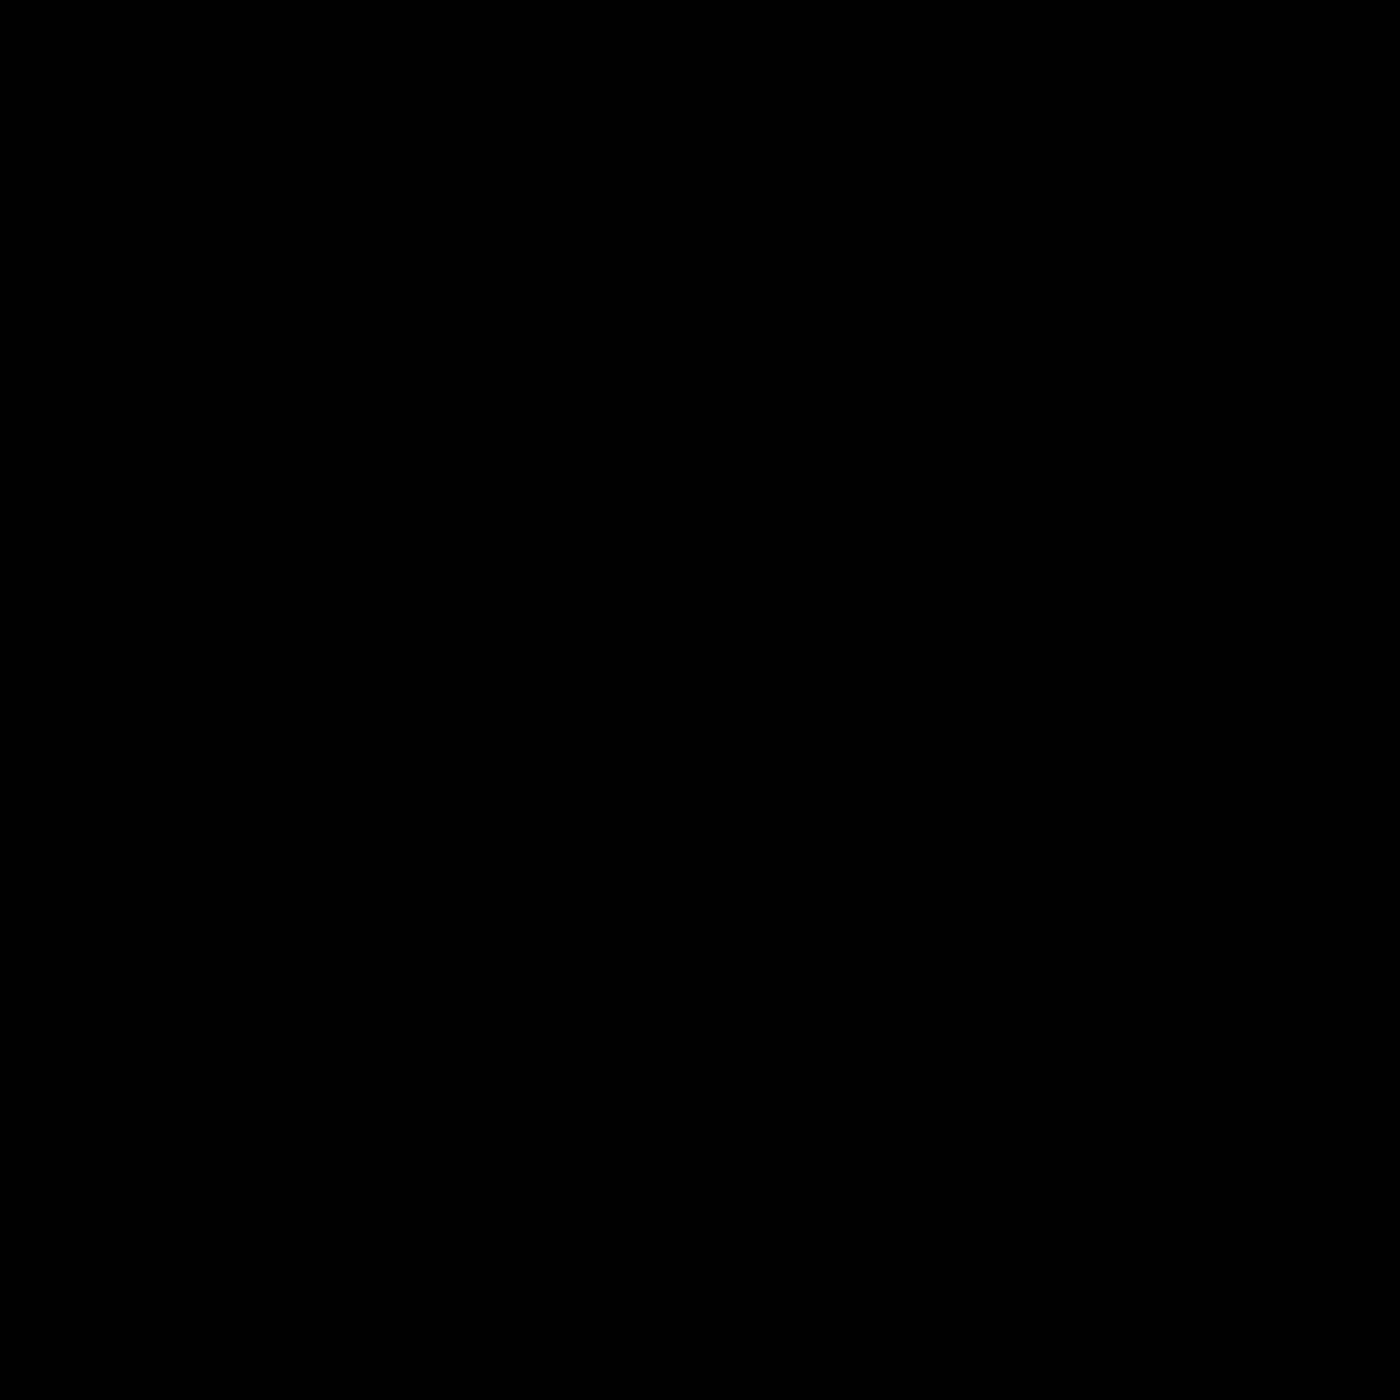 Jv icala 17170 logo black